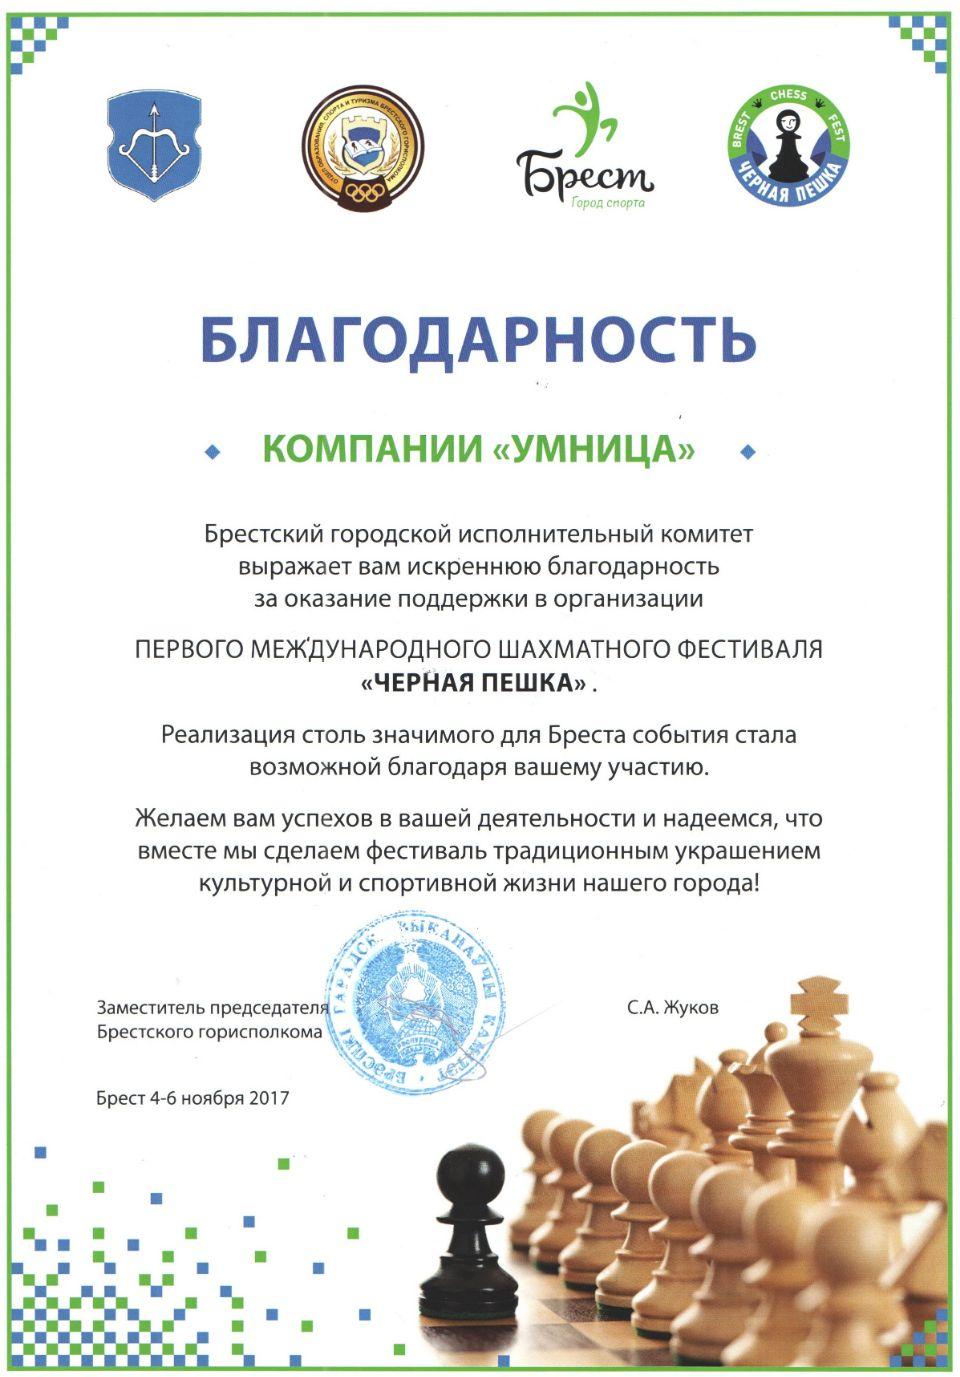 """Международный шахматный фестиваль """"Черная пешка"""""""